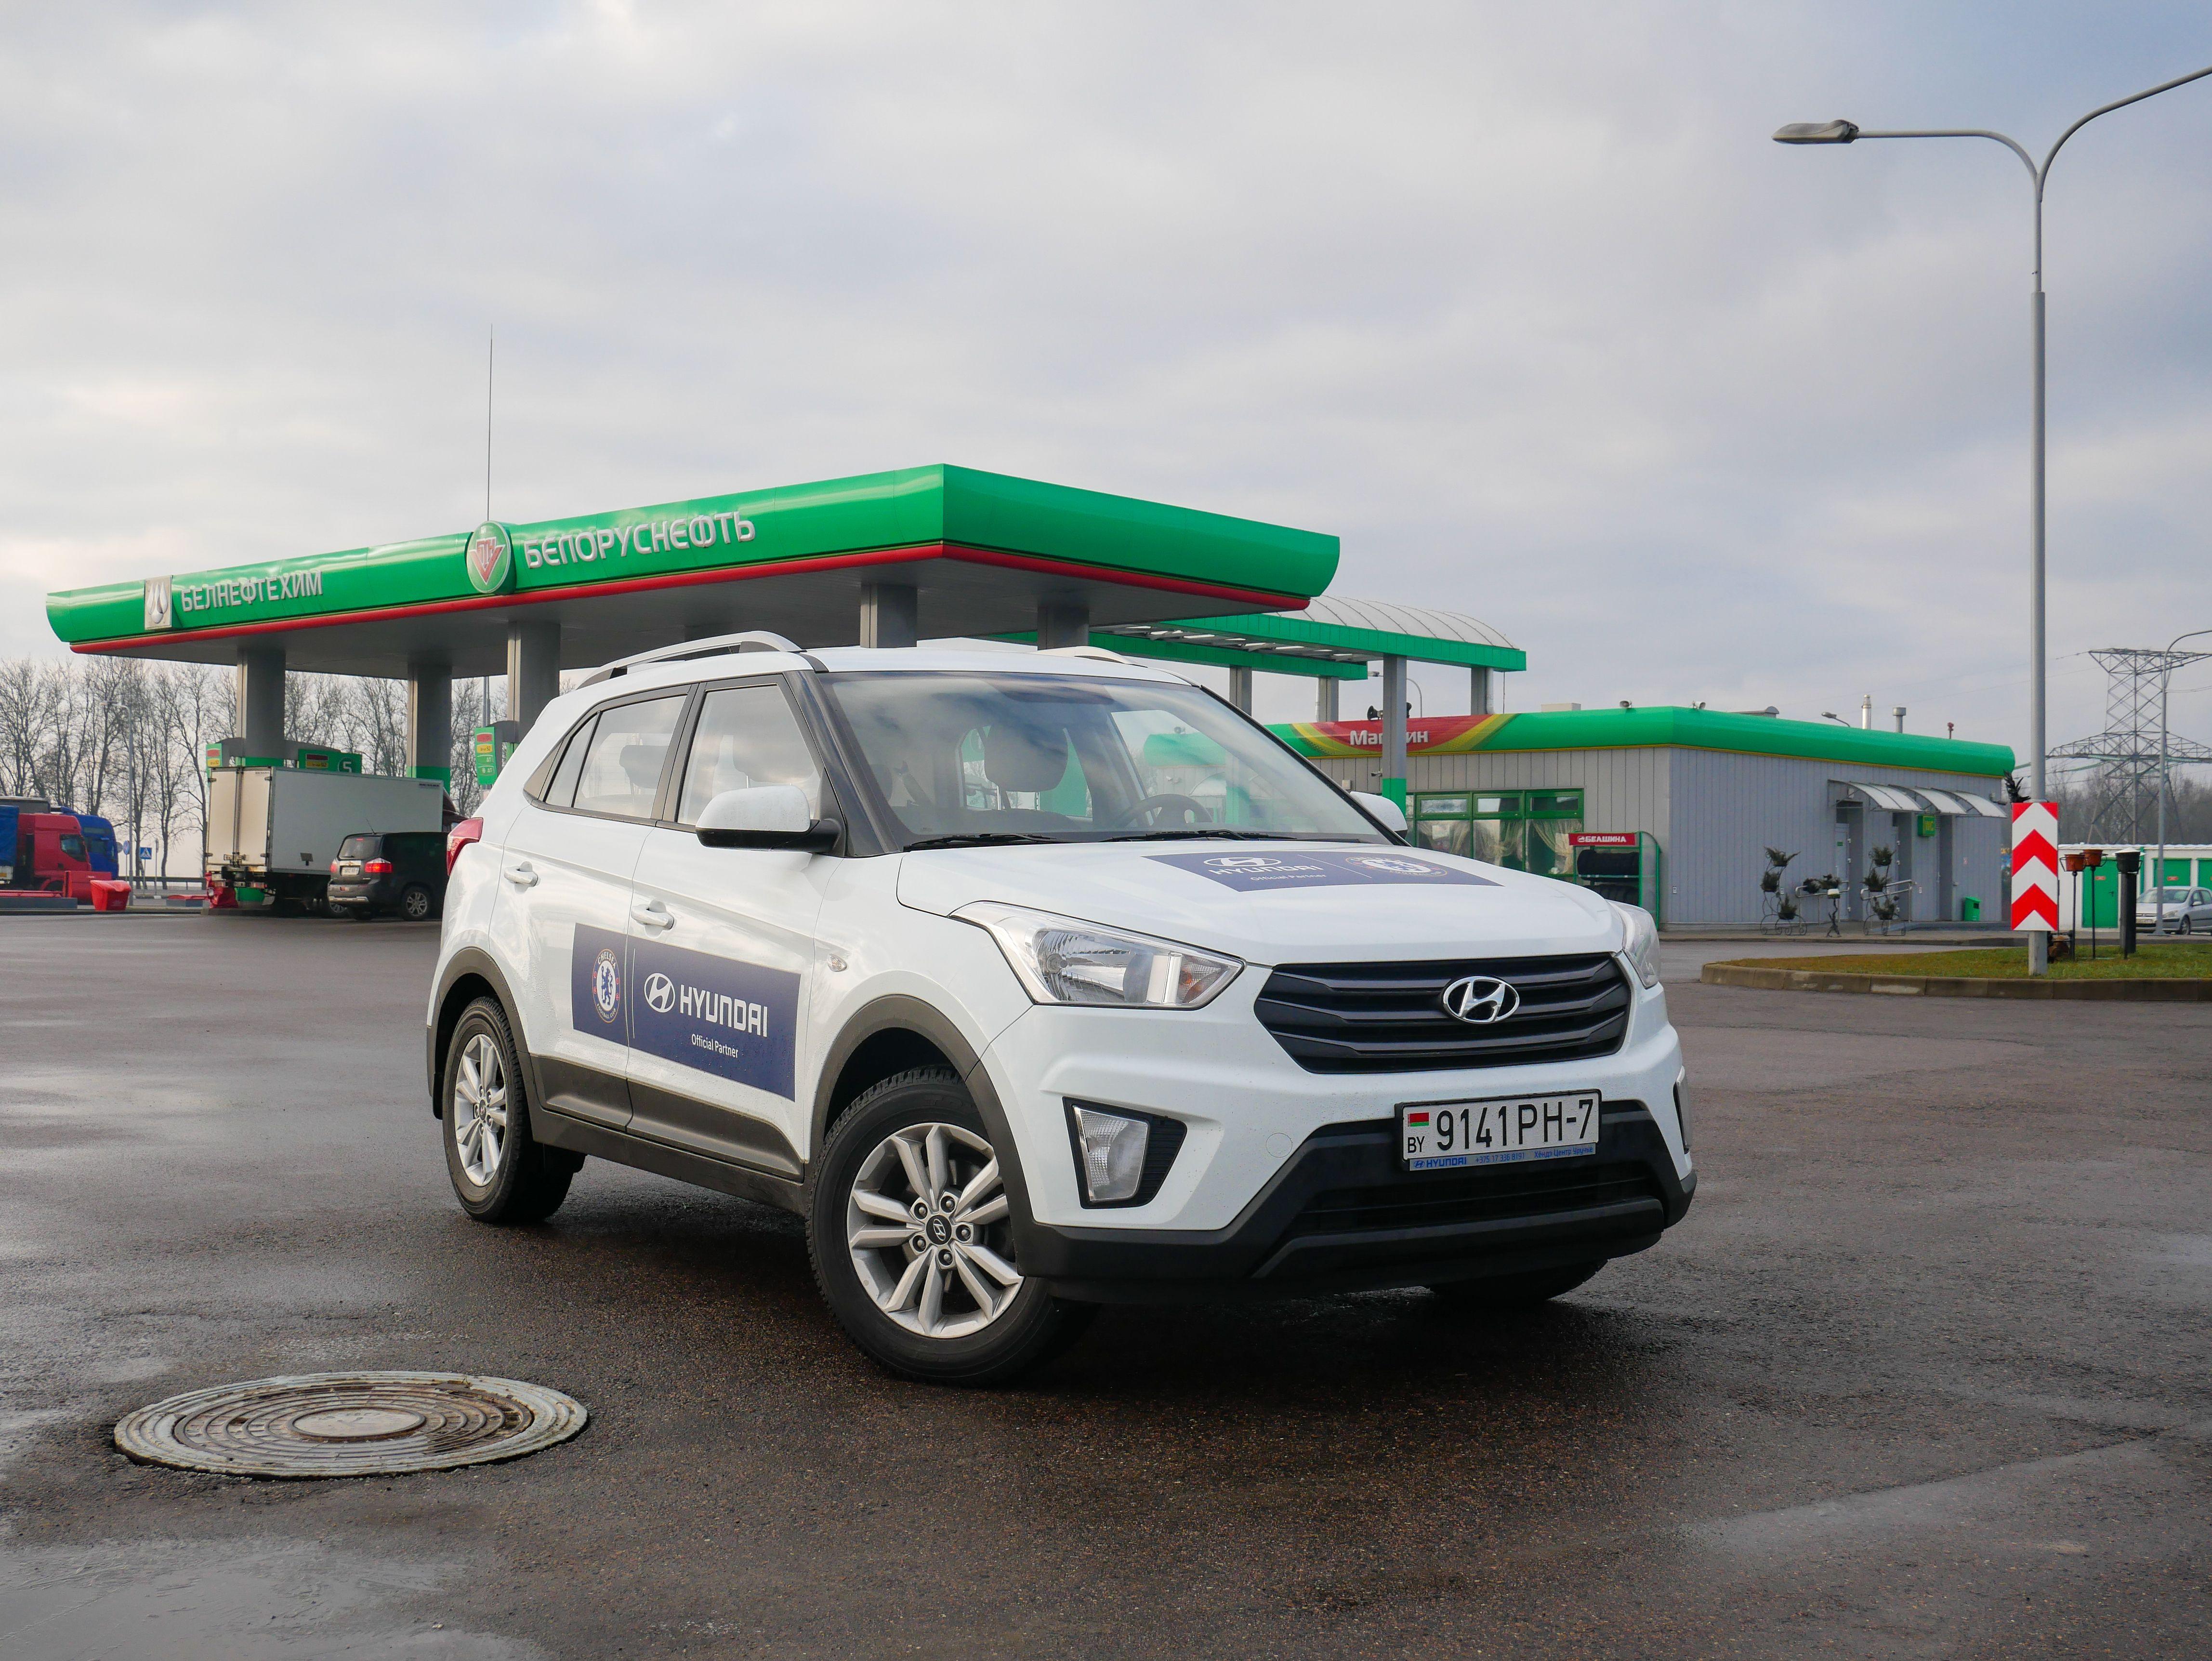 «Да когда ж ты уже заглохнешь?!» Устанавливаем рекорд дальнобойности на Hyundai Creta 1.6.